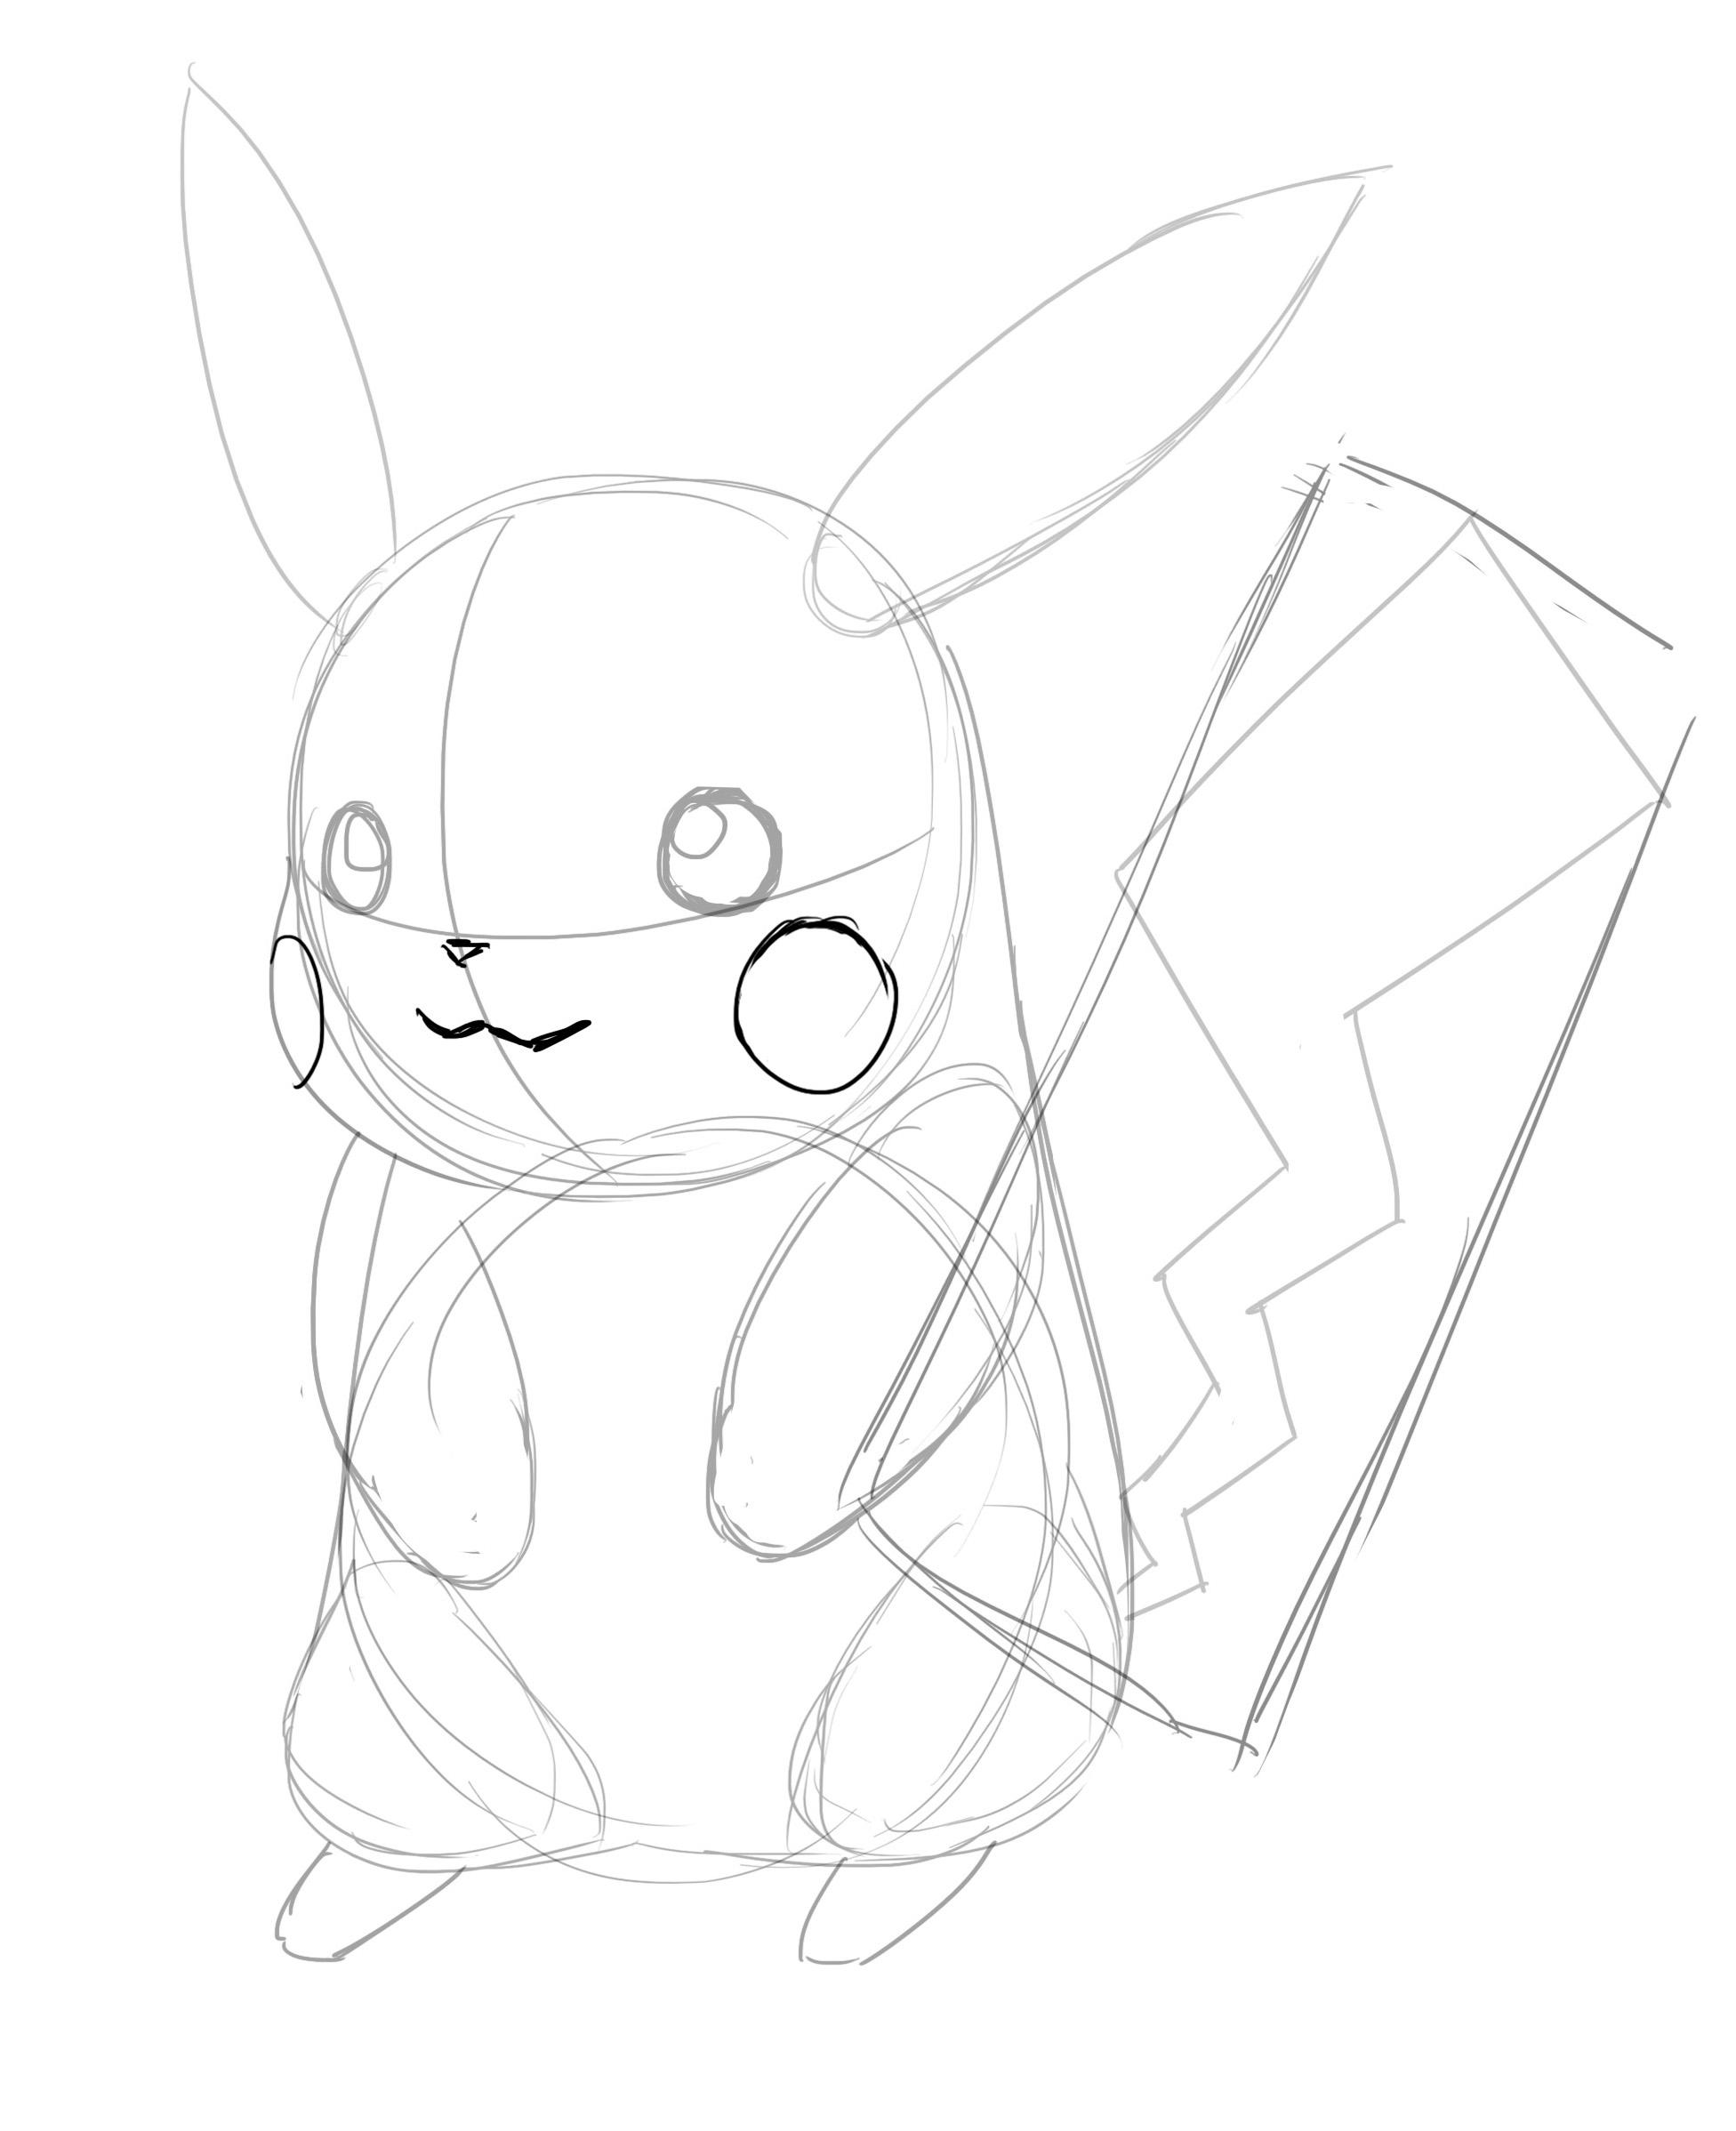 Comment Dessiner Pikachu - Dessindigo tout Dessin De Pikachu Facile